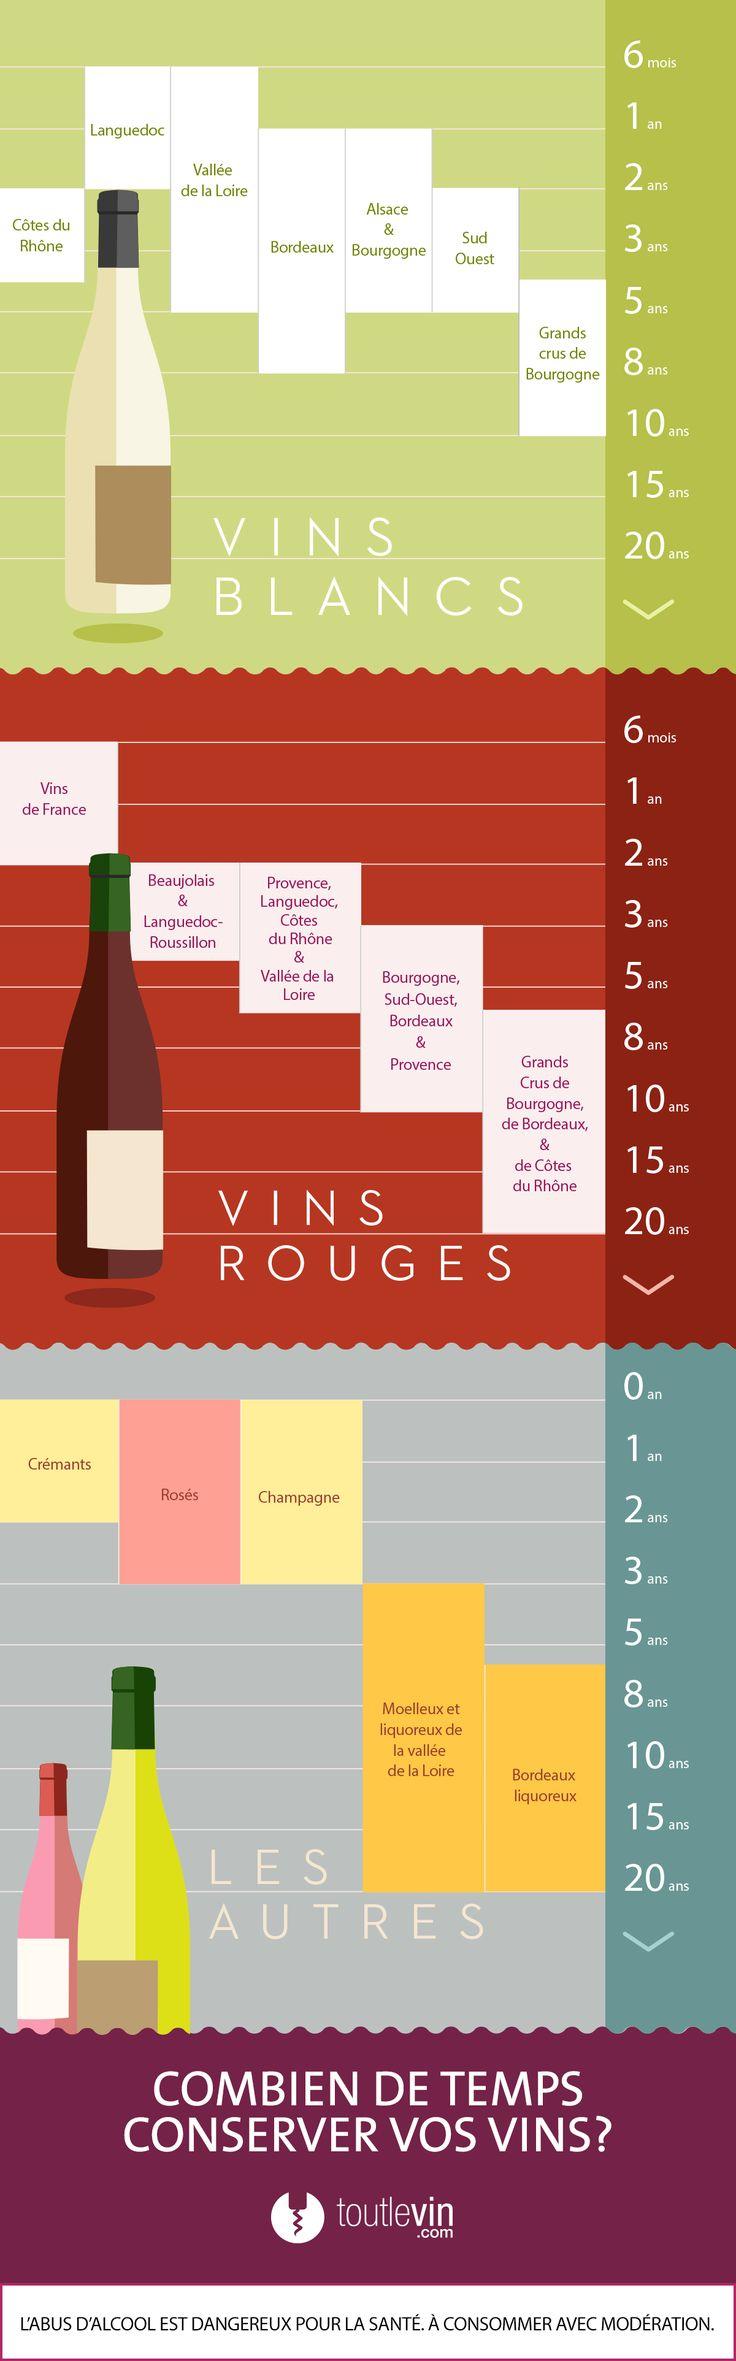 toutlevin.com - Infographie apogée des vins